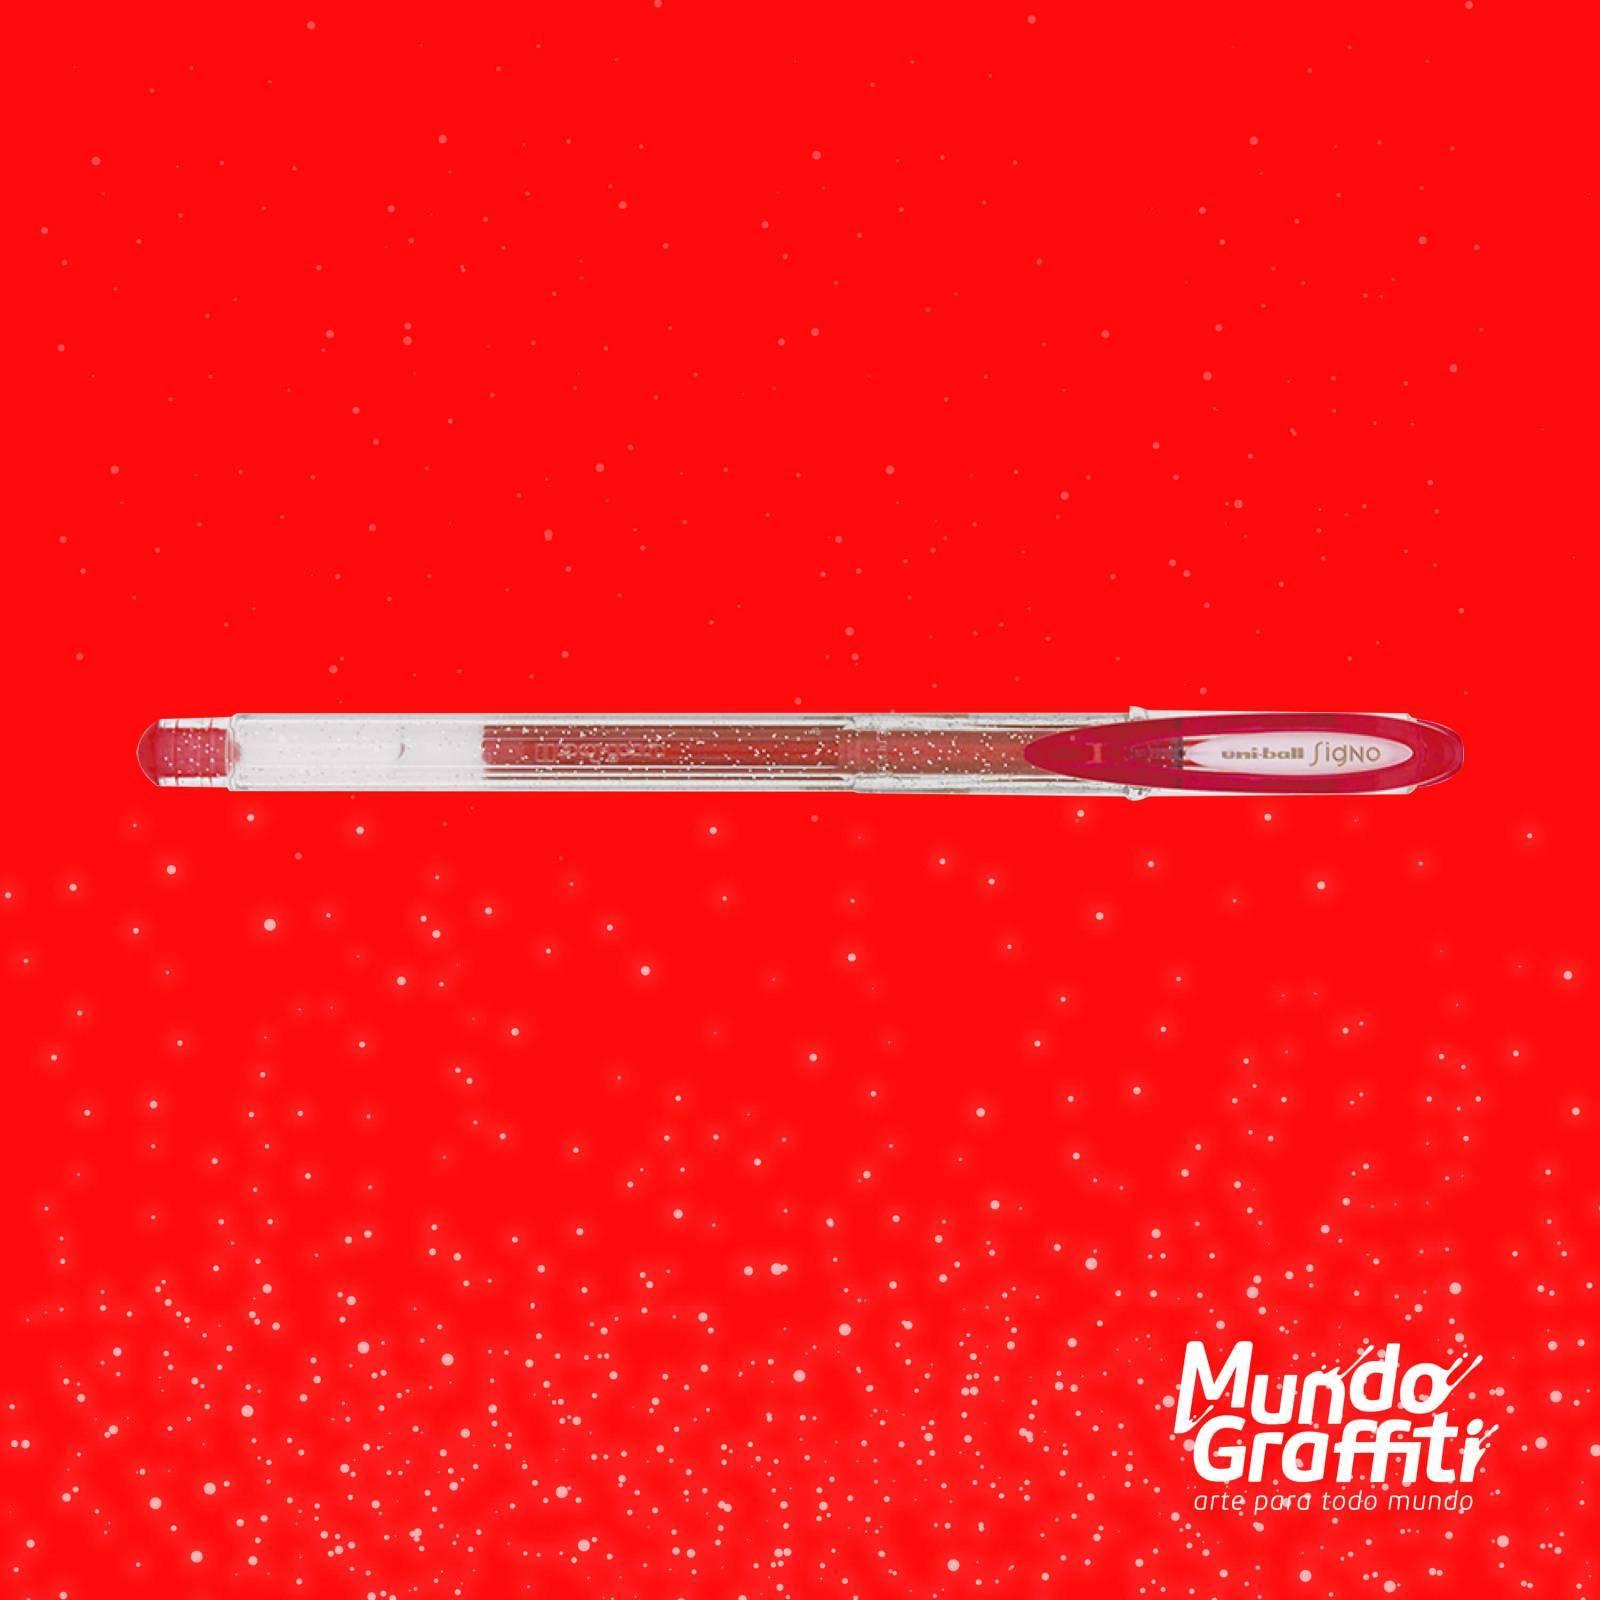 Caneta Signo Gel Sparkling Glitter Vermelho 0,7mm - Mundo Graffiti